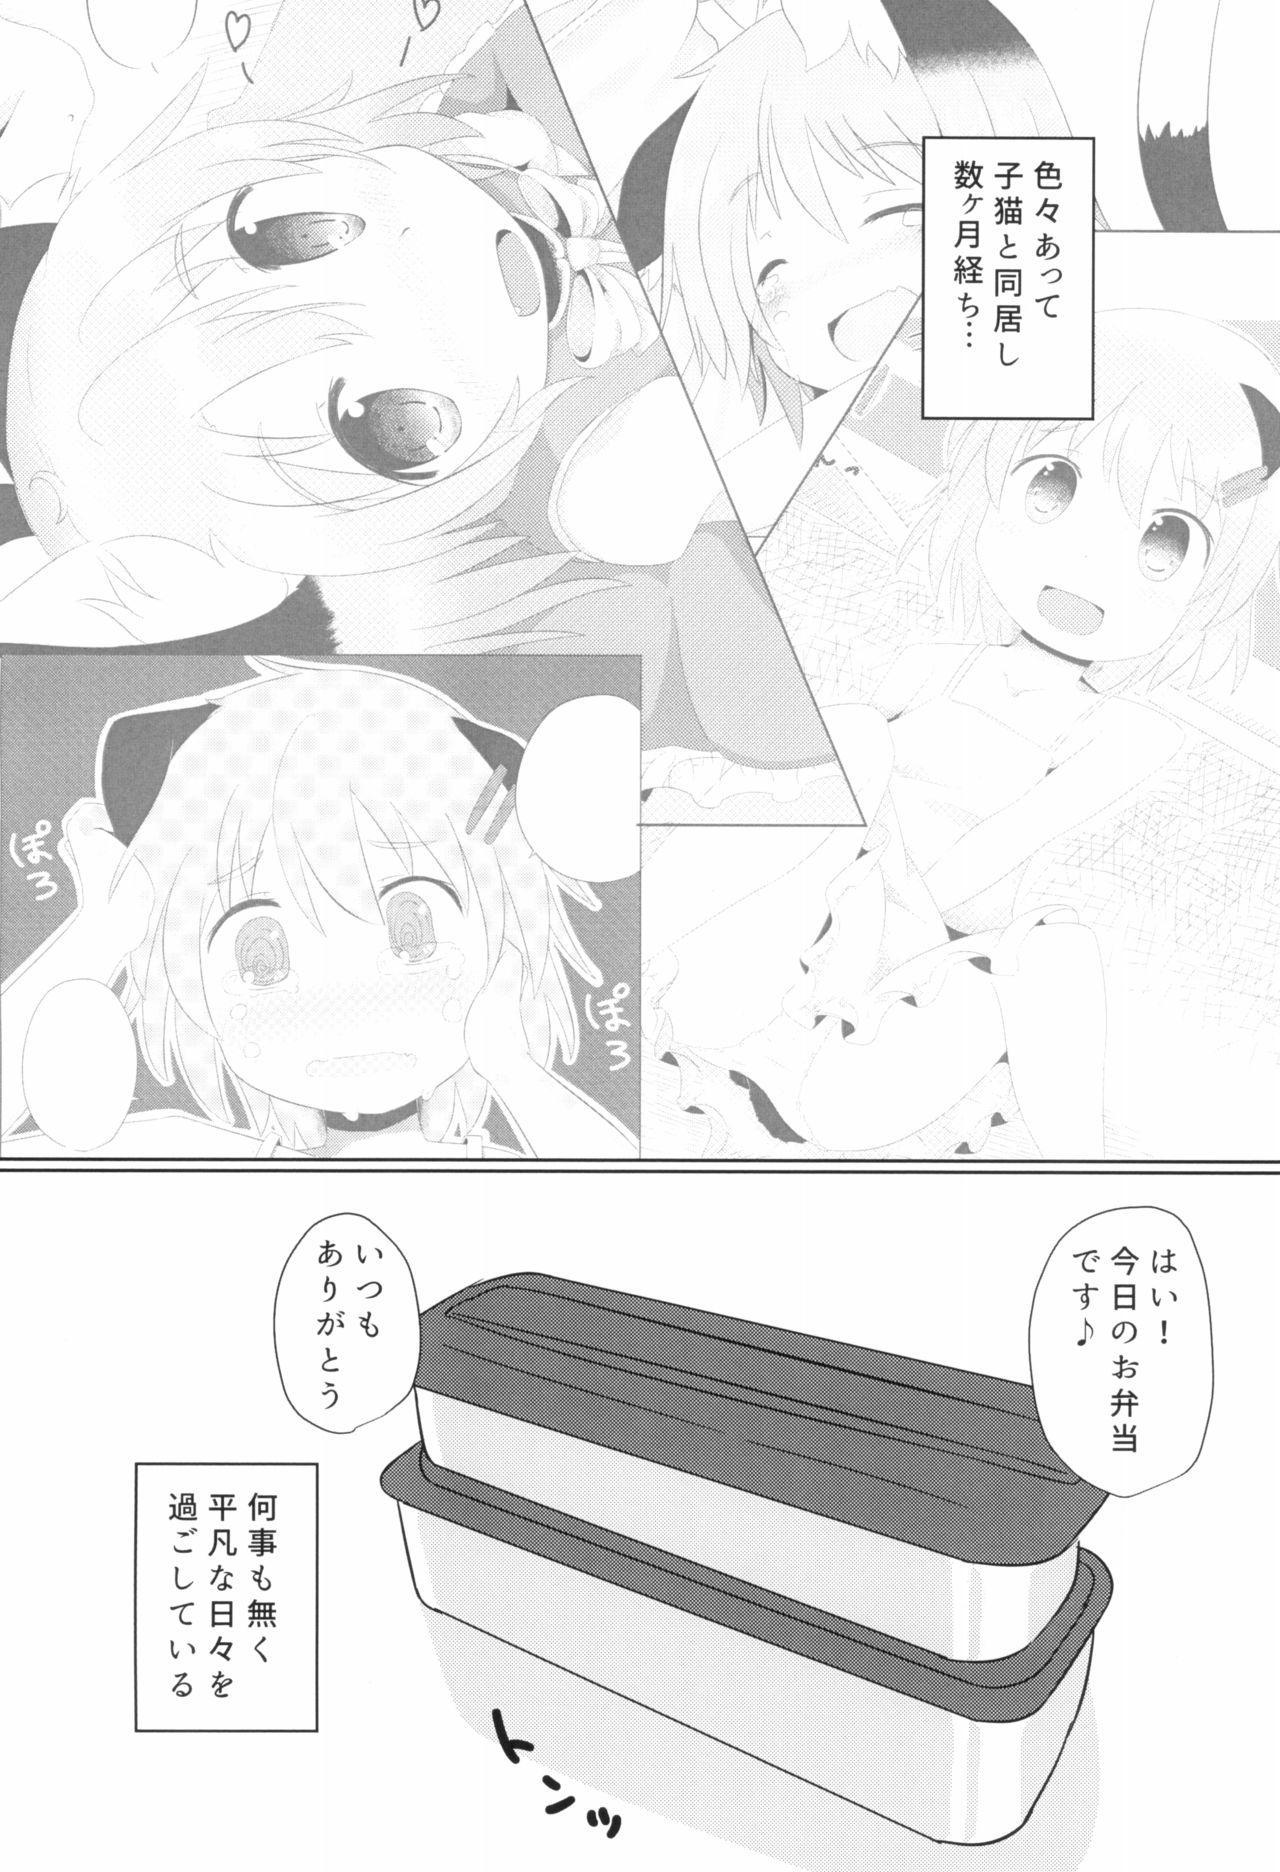 Koneko no Shinkon 7